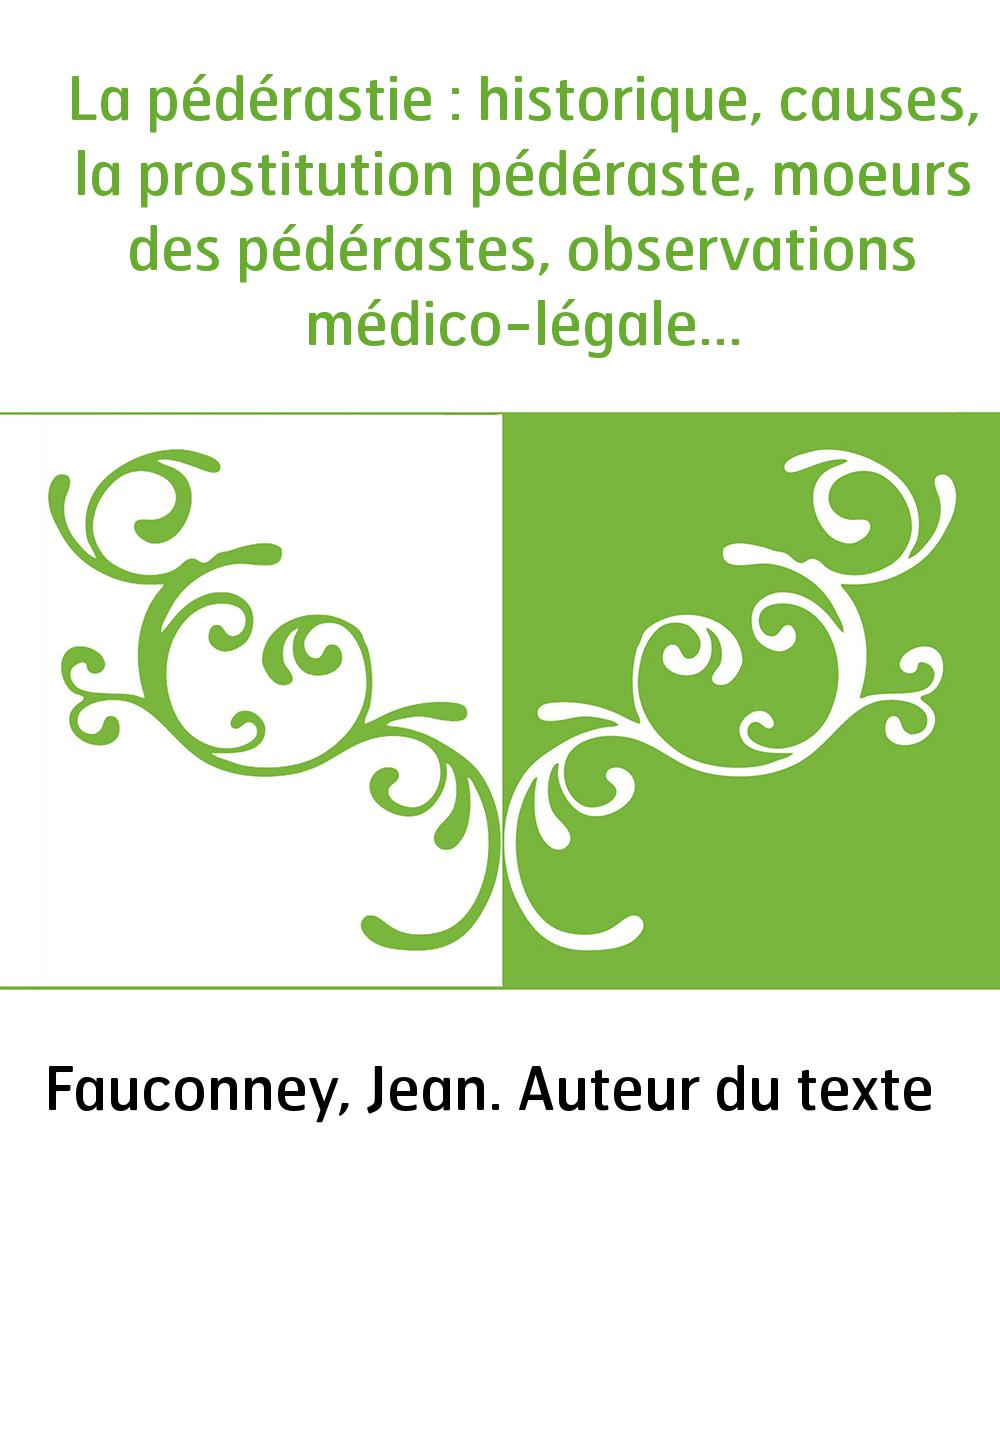 La pédérastie : historique, causes, la prostitution pédéraste, moeurs des pédérastes, observations médico-légales / Dr Caufeynon